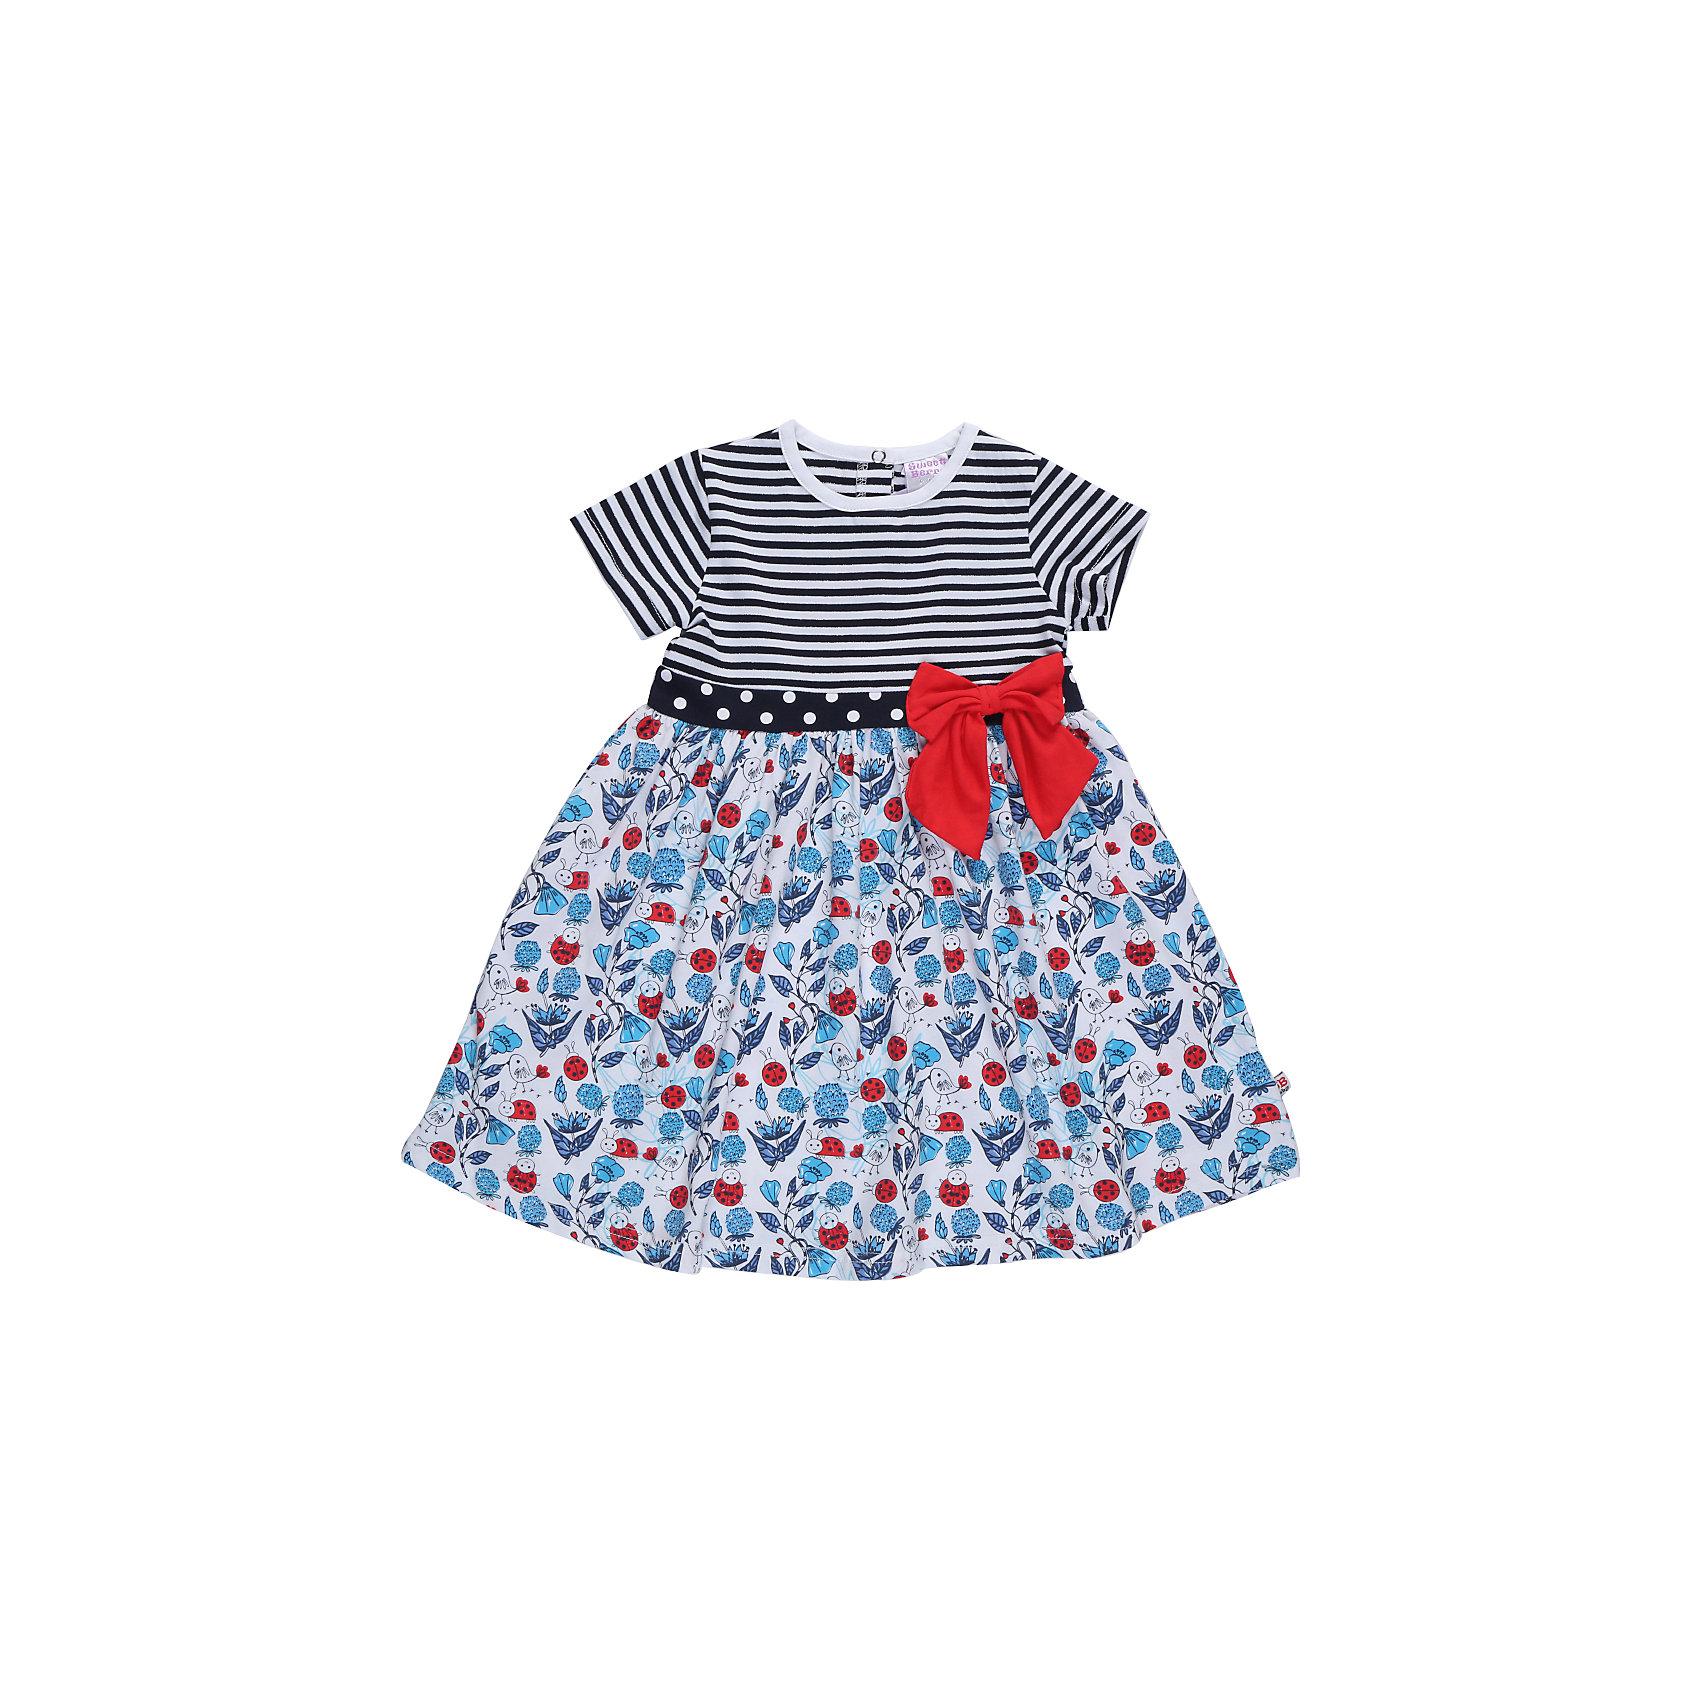 Платье для девочки Sweet BerryПлатья<br>Трикотажное платье для девочки из комбинированного материала. Платье декорировано ярким бантом на талии. Сзади застежка на кнопках<br>Состав:<br>95%хлопок 5%эластан<br><br>Ширина мм: 236<br>Глубина мм: 16<br>Высота мм: 184<br>Вес г: 177<br>Цвет: разноцветный<br>Возраст от месяцев: 12<br>Возраст до месяцев: 15<br>Пол: Женский<br>Возраст: Детский<br>Размер: 80,86,92,98<br>SKU: 5411043